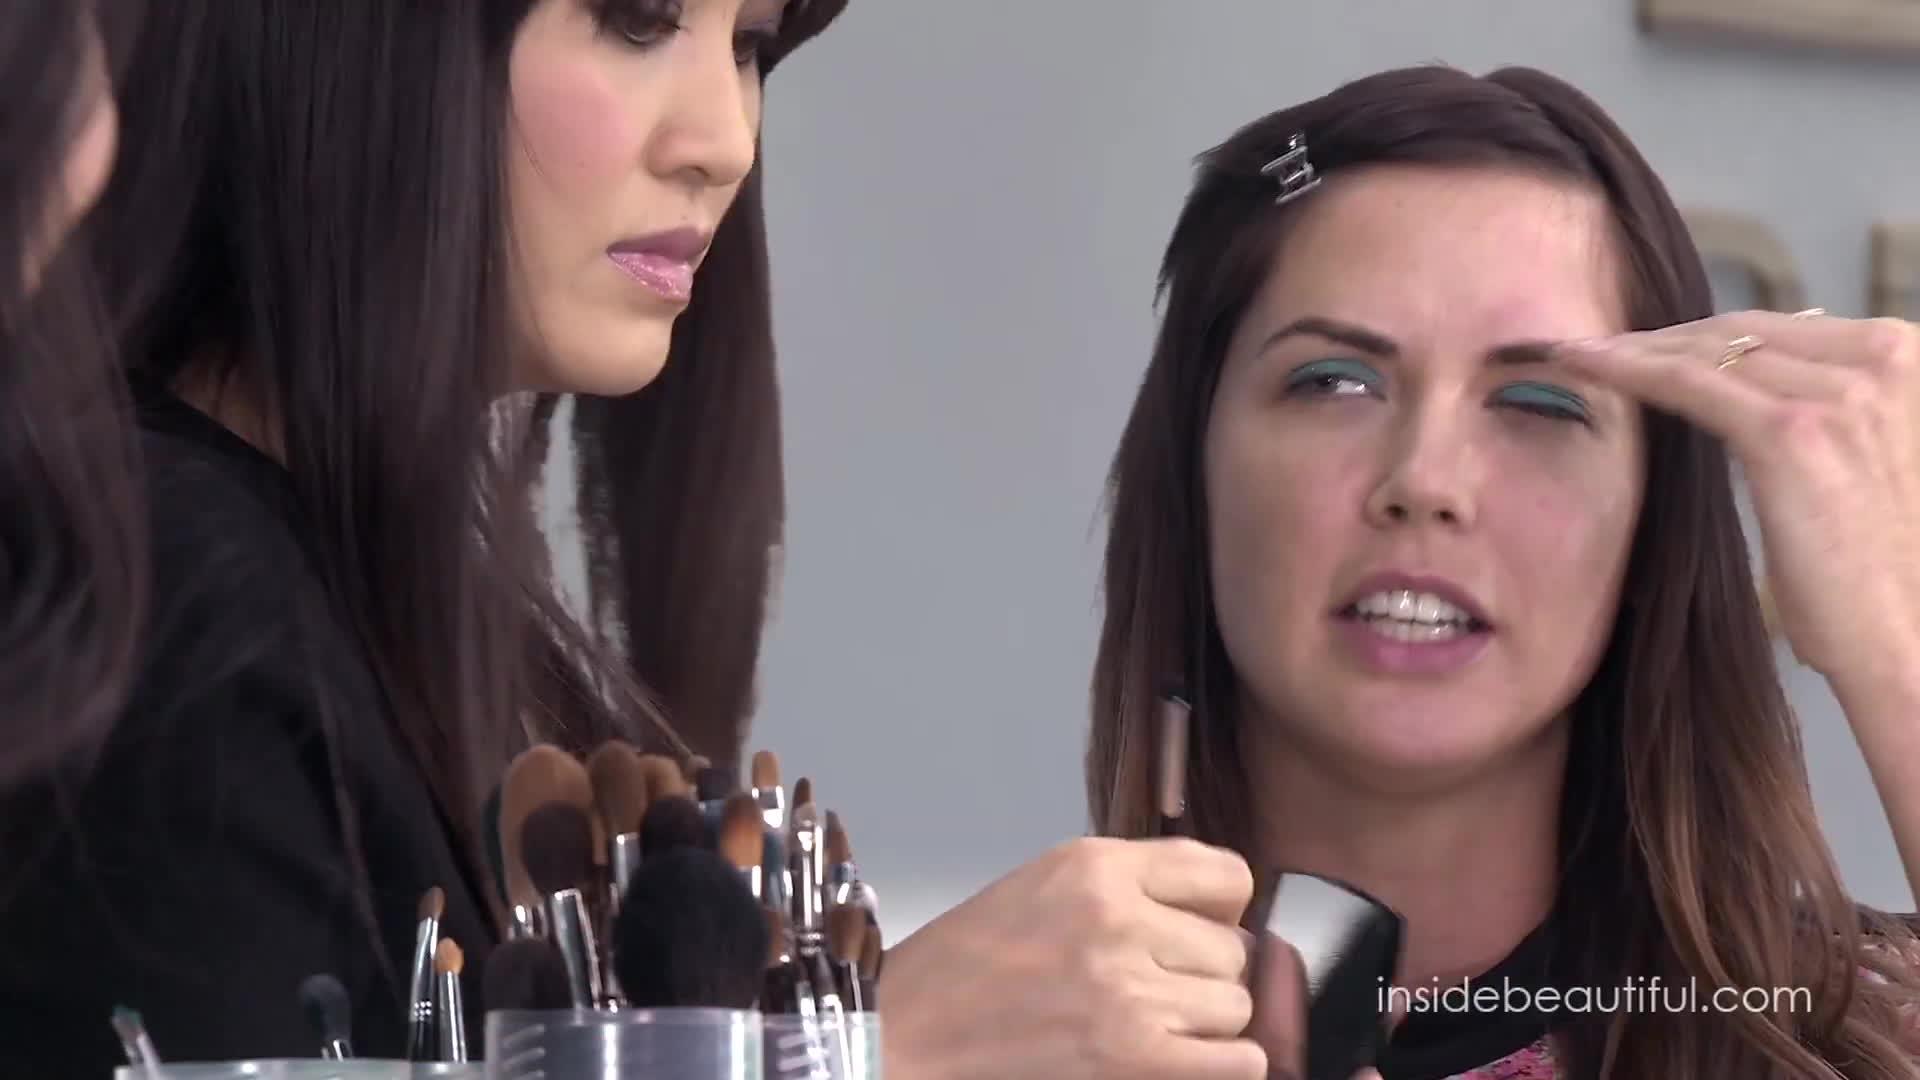 Khi cái tên đã trở thành thương hiệu: Make up gốc Việt và những khách mối hạng A